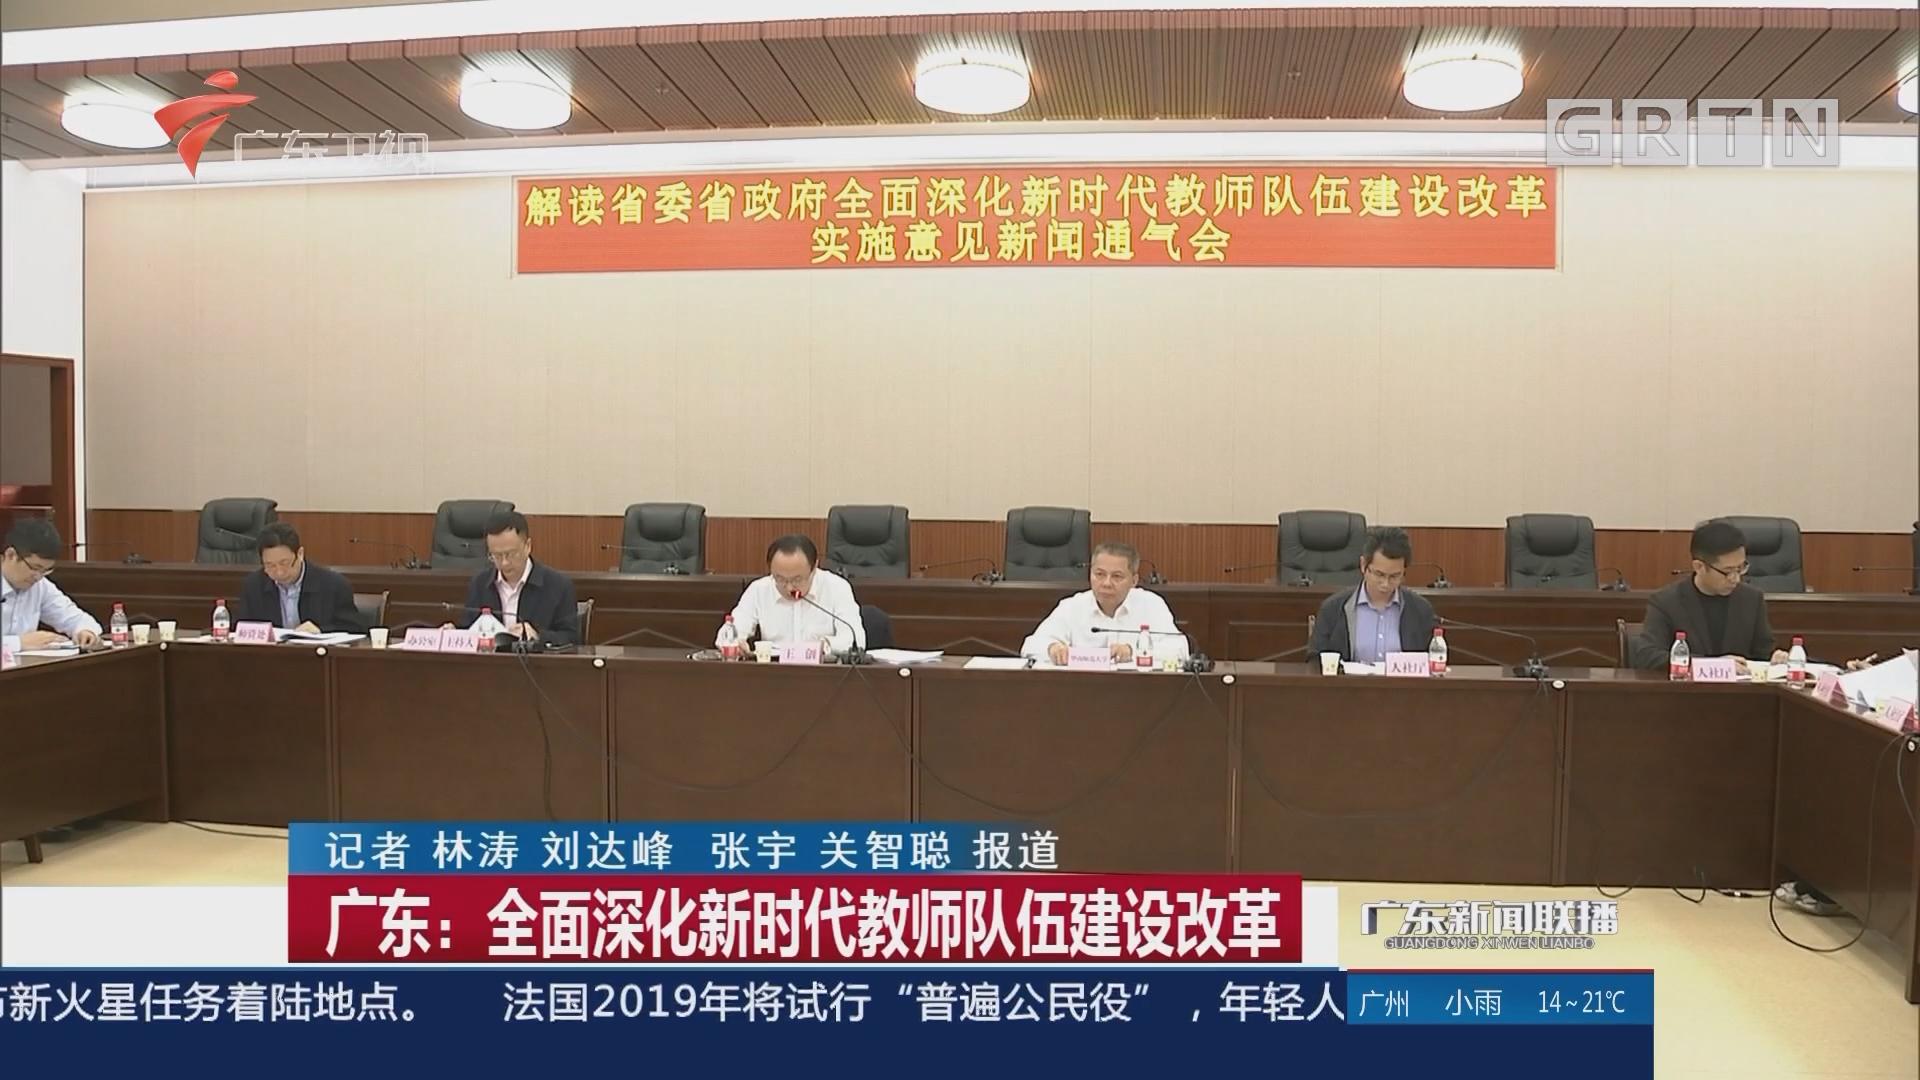 广东:全面深化新时代教师队伍建设改革